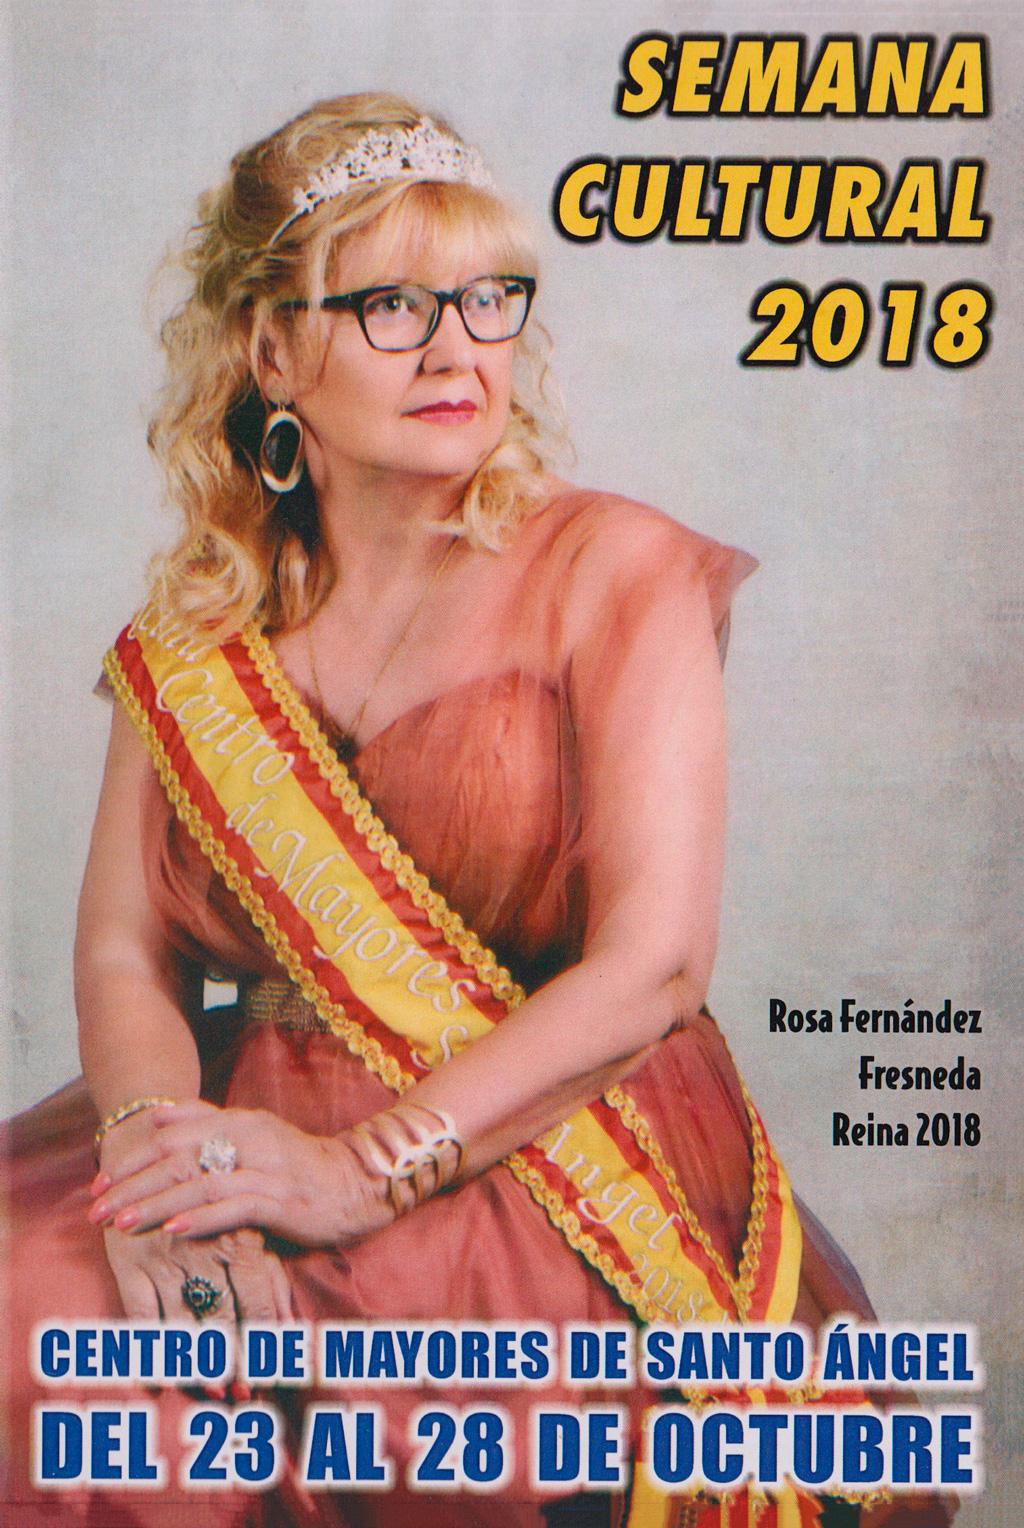 Cartel 2018 Centro de Mayores de santo Ángel